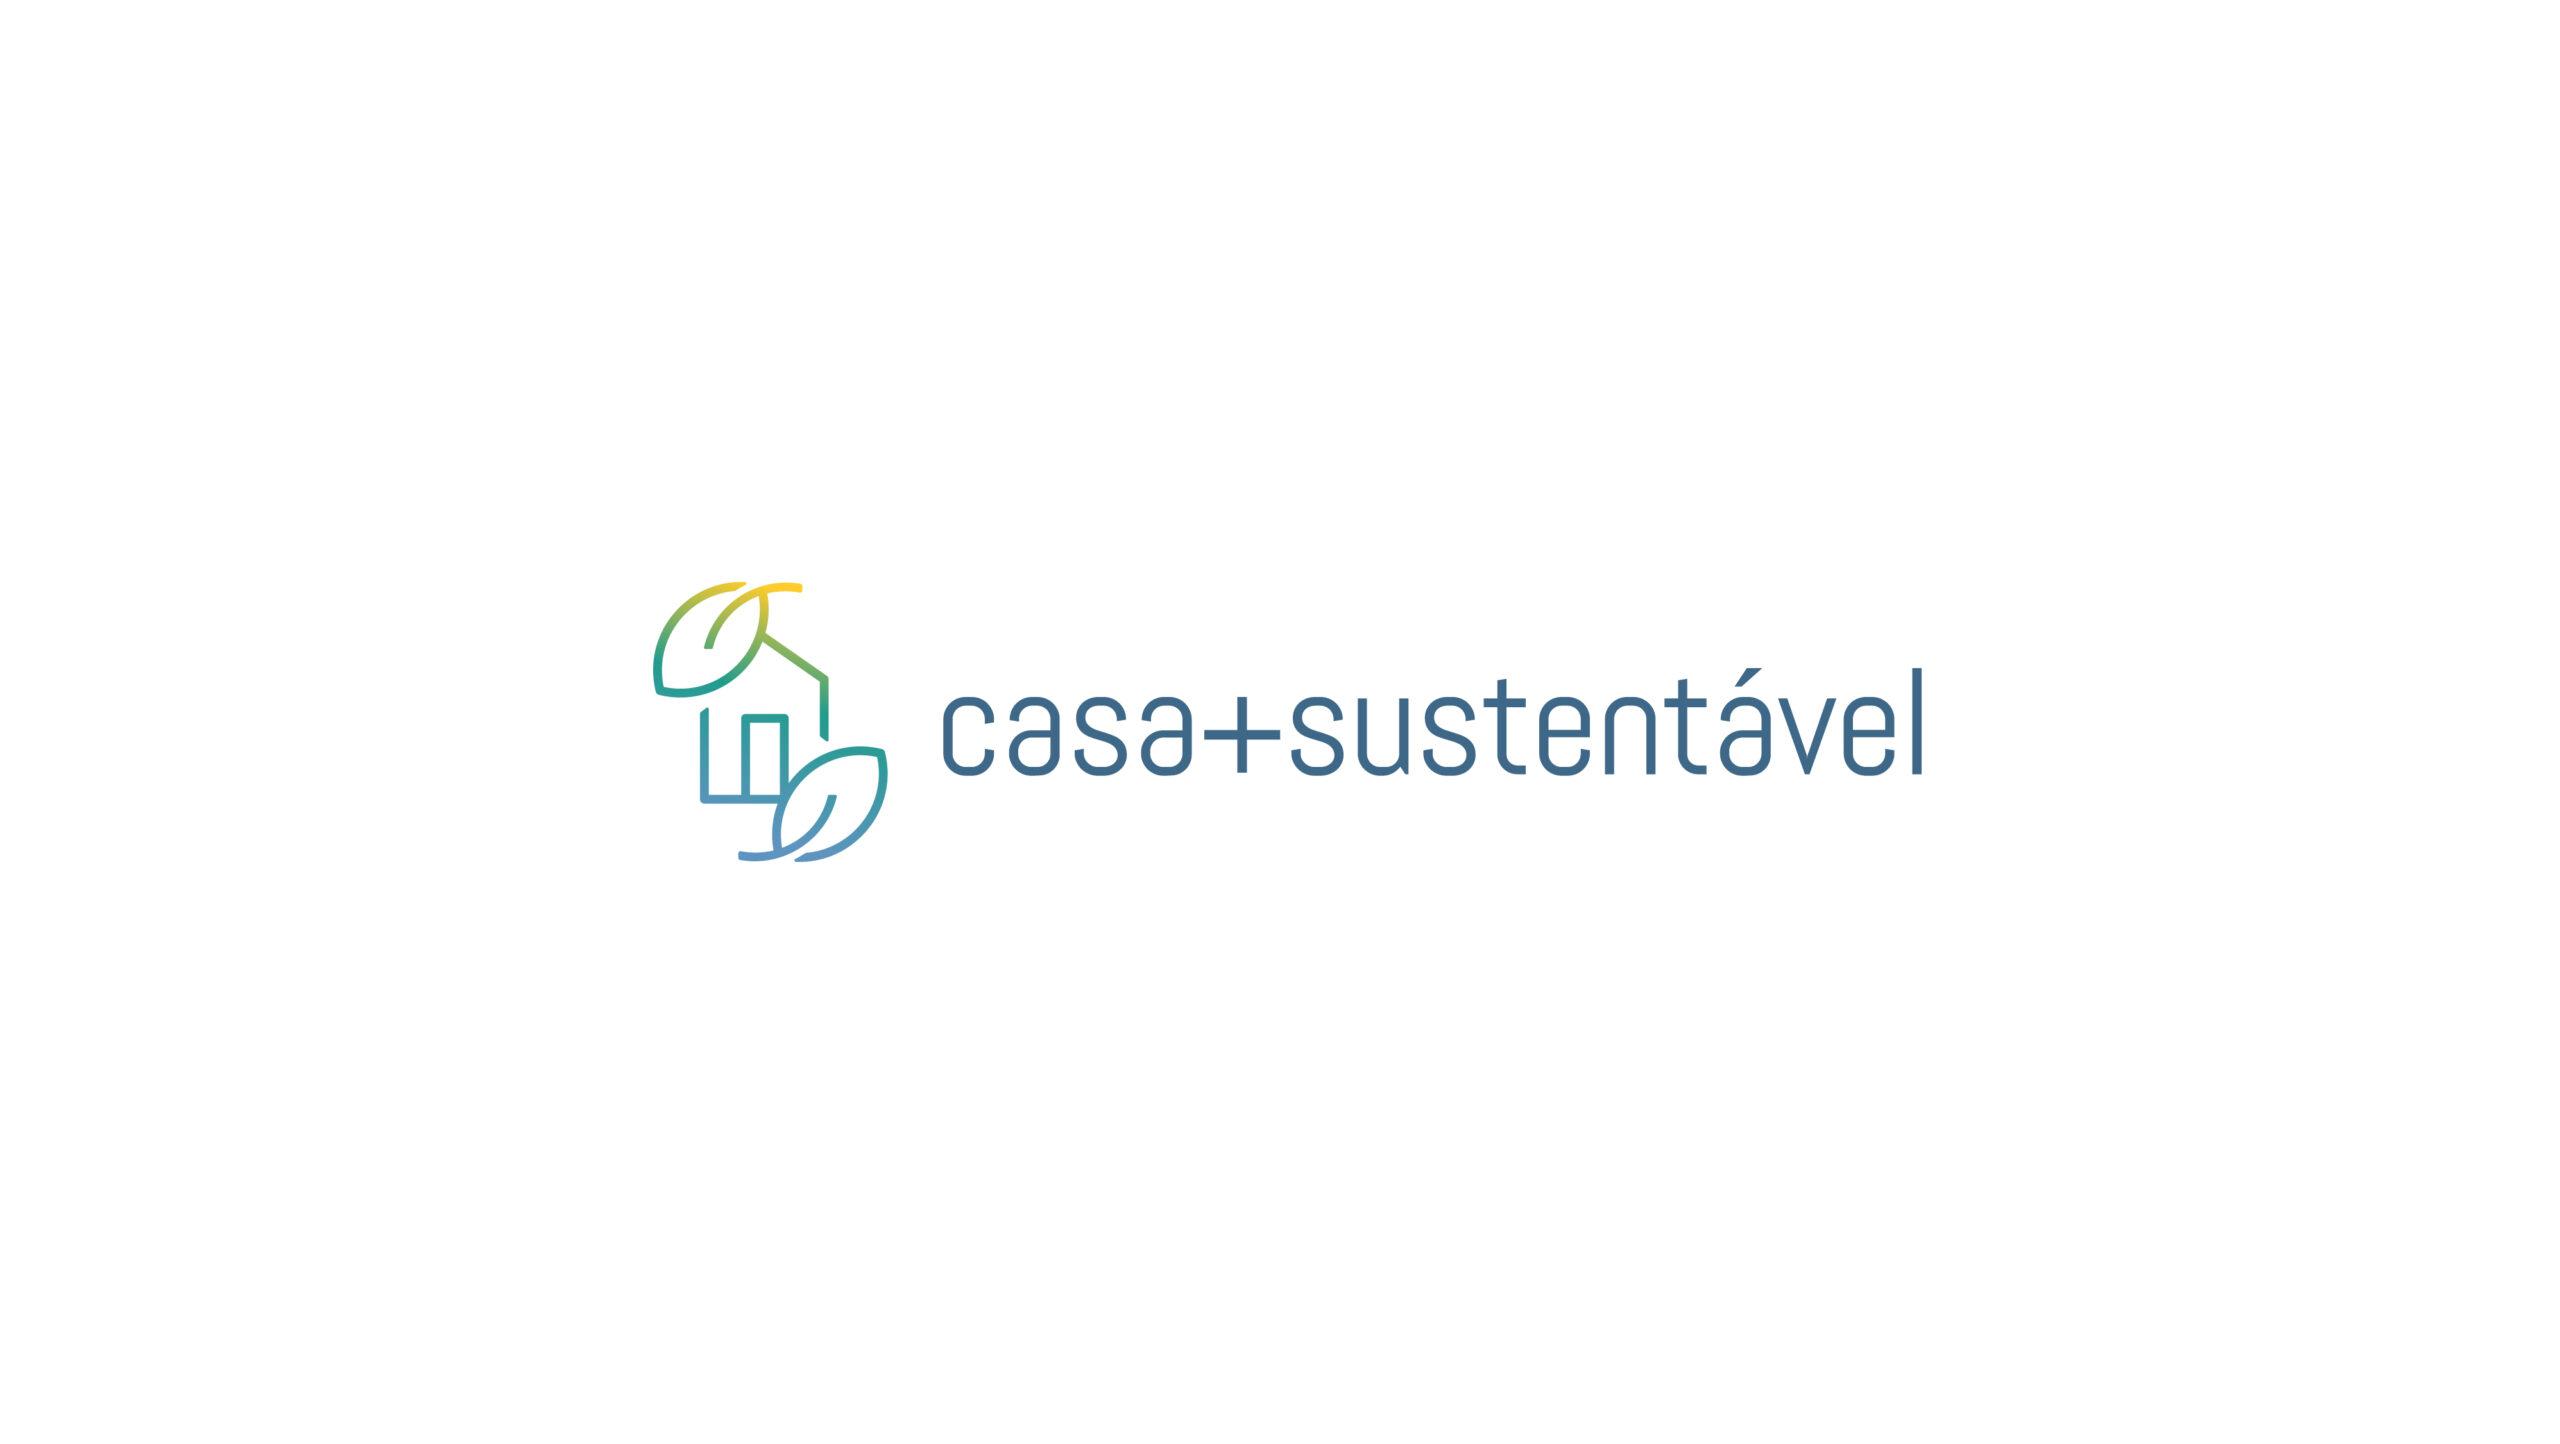 Lanatta-Branding-and-Design-Casa-Mais-Sustentavel-Consorcio-PCJ-1